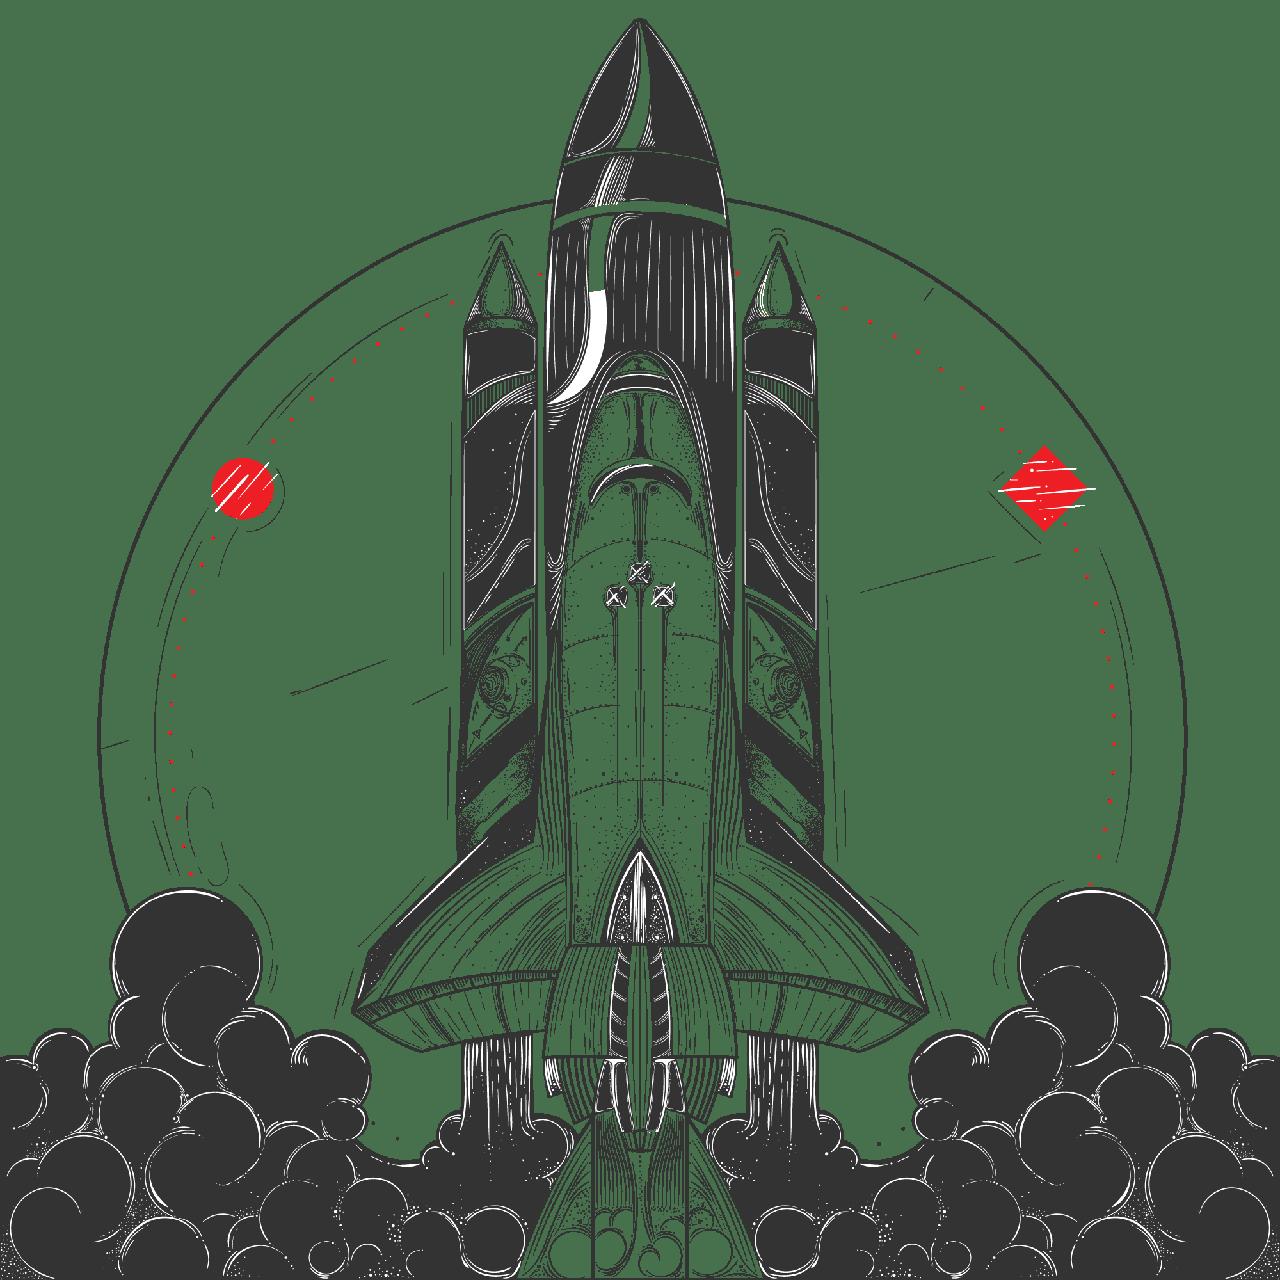 b6c43a32-bc97-11ea-bab1-0242ac110003-spaceship (1)-min.png